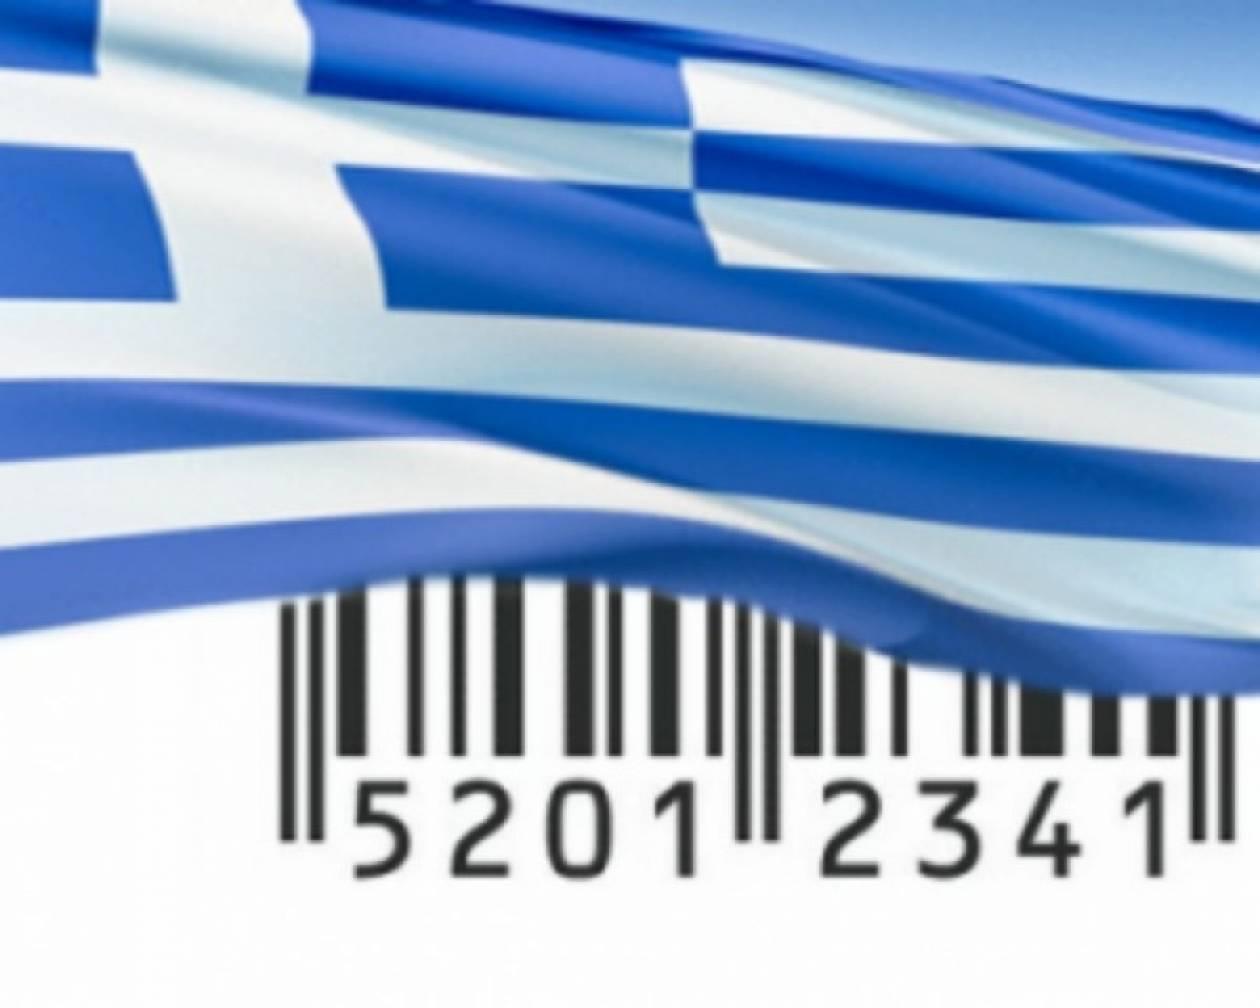 Ζητούνται δημιουργοί για να φτιάξουν το ελληνικό σήμα στα προϊόντα μας